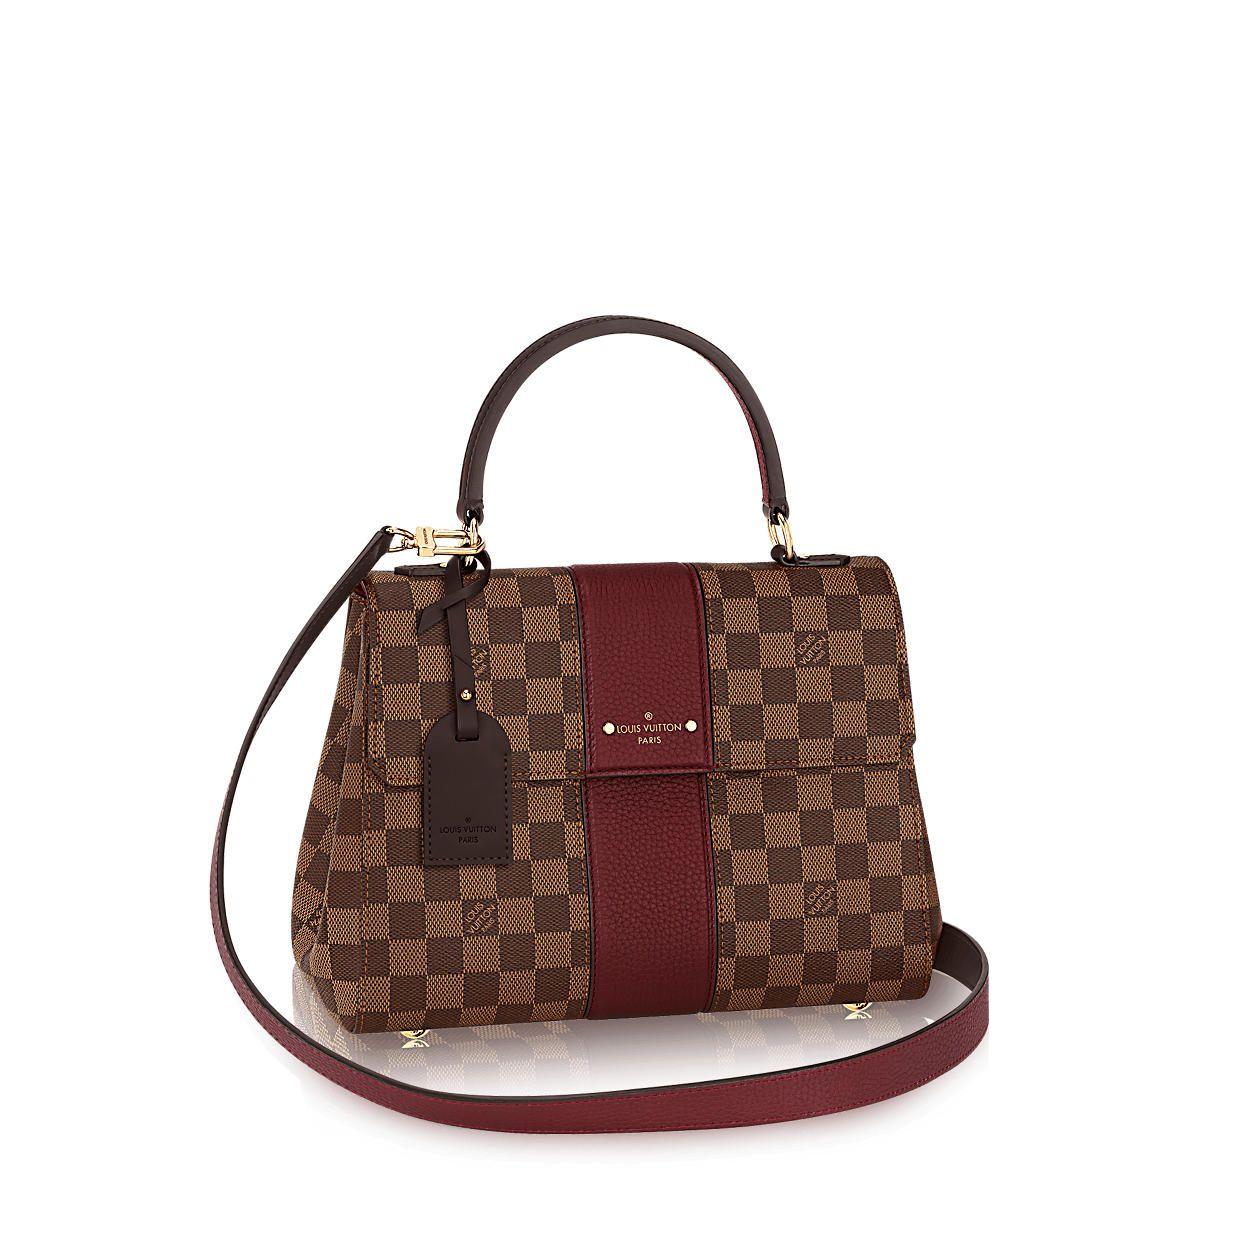 1e70c165e50 Bond Street Damier Ebene in Women's Handbags collections by Louis Vuitton